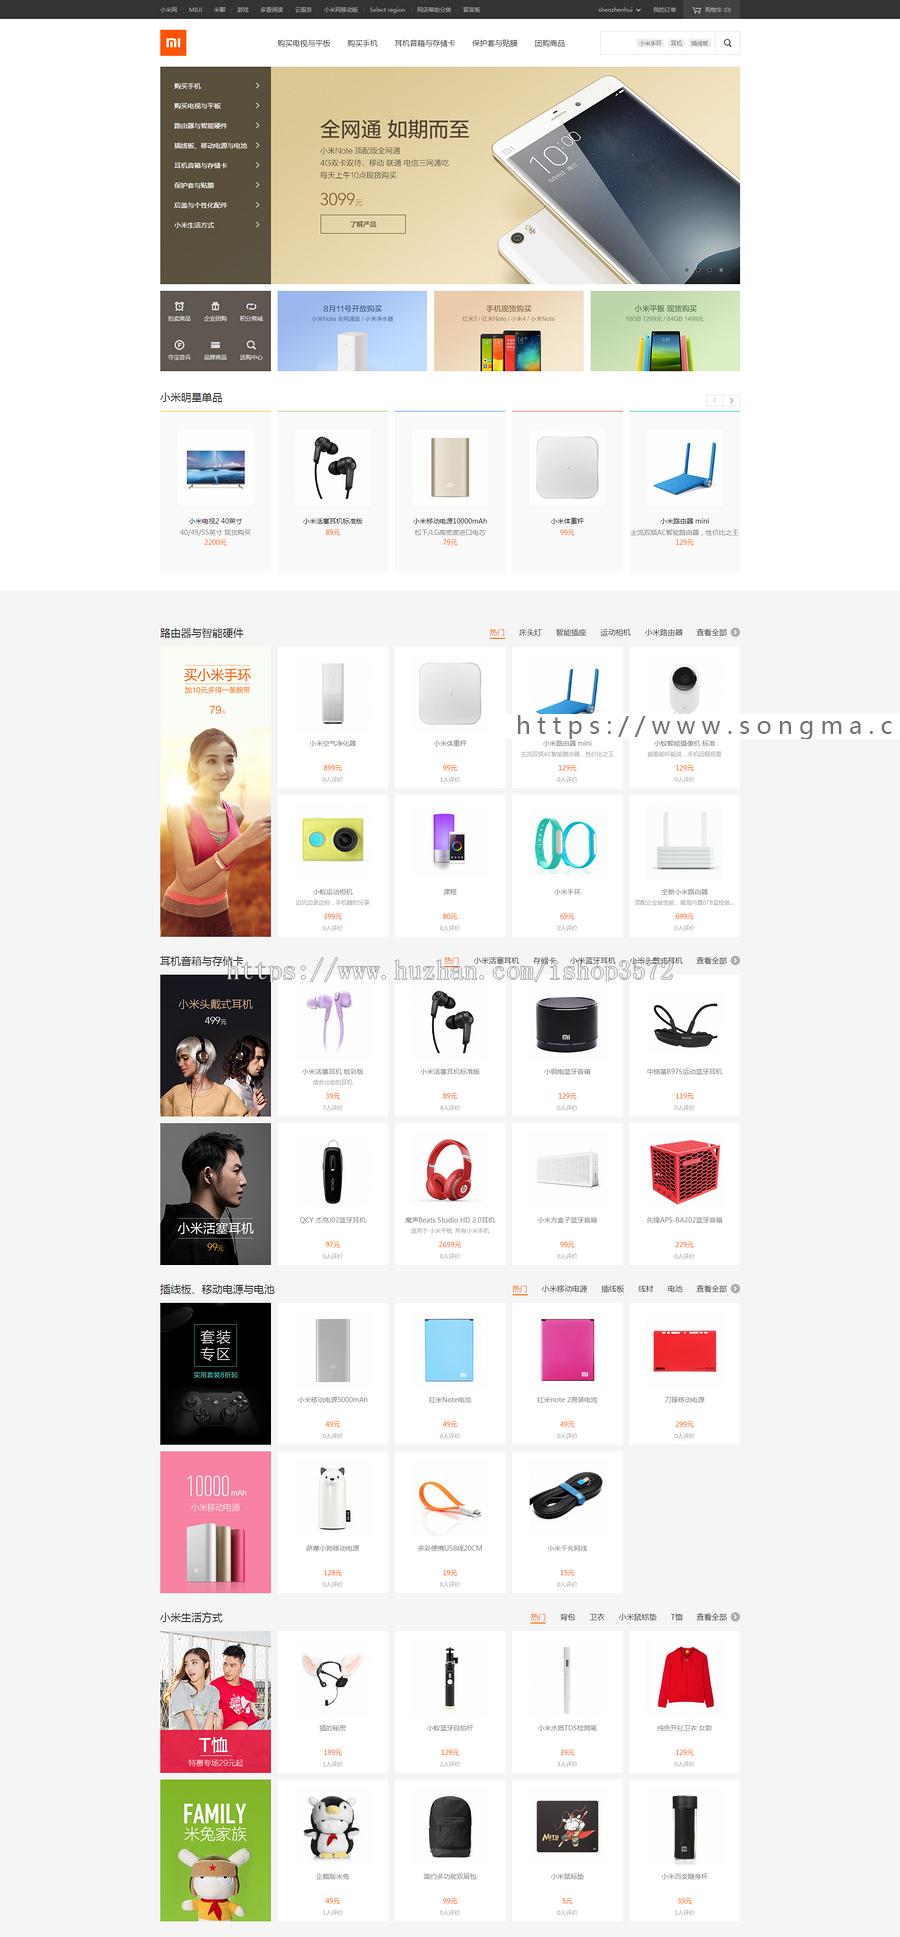 新ecshop小米商城php源码购物网站模板手机APP微信分销商城